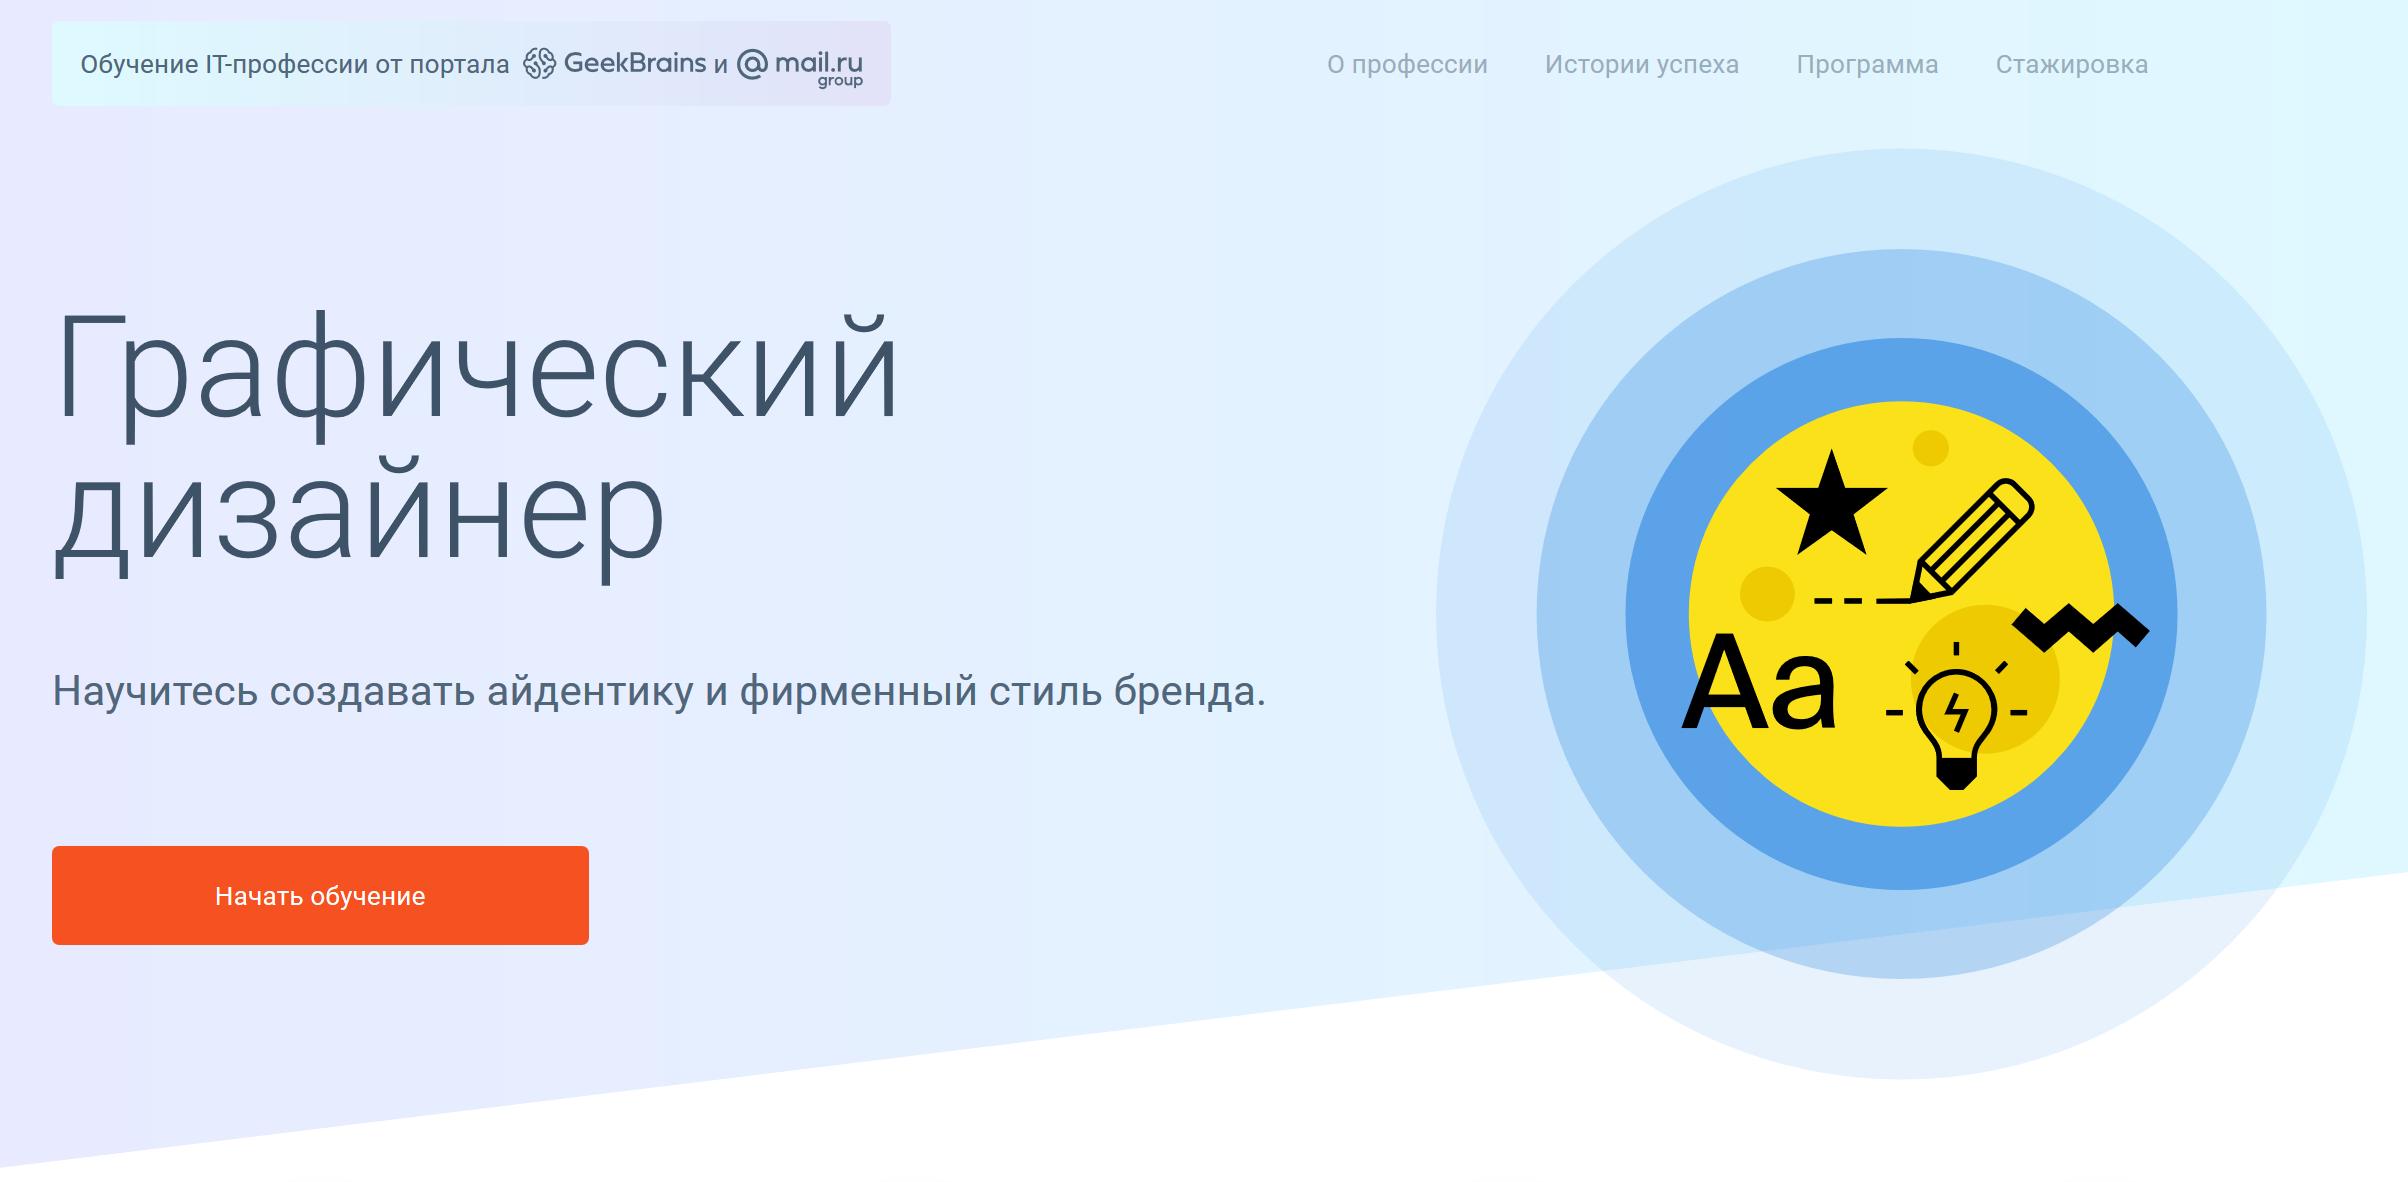 Графический дизайн обучение онлайн - курсы графических дизайнеров GeekBrains - образовательный портал GeekBrains - образовательный портал